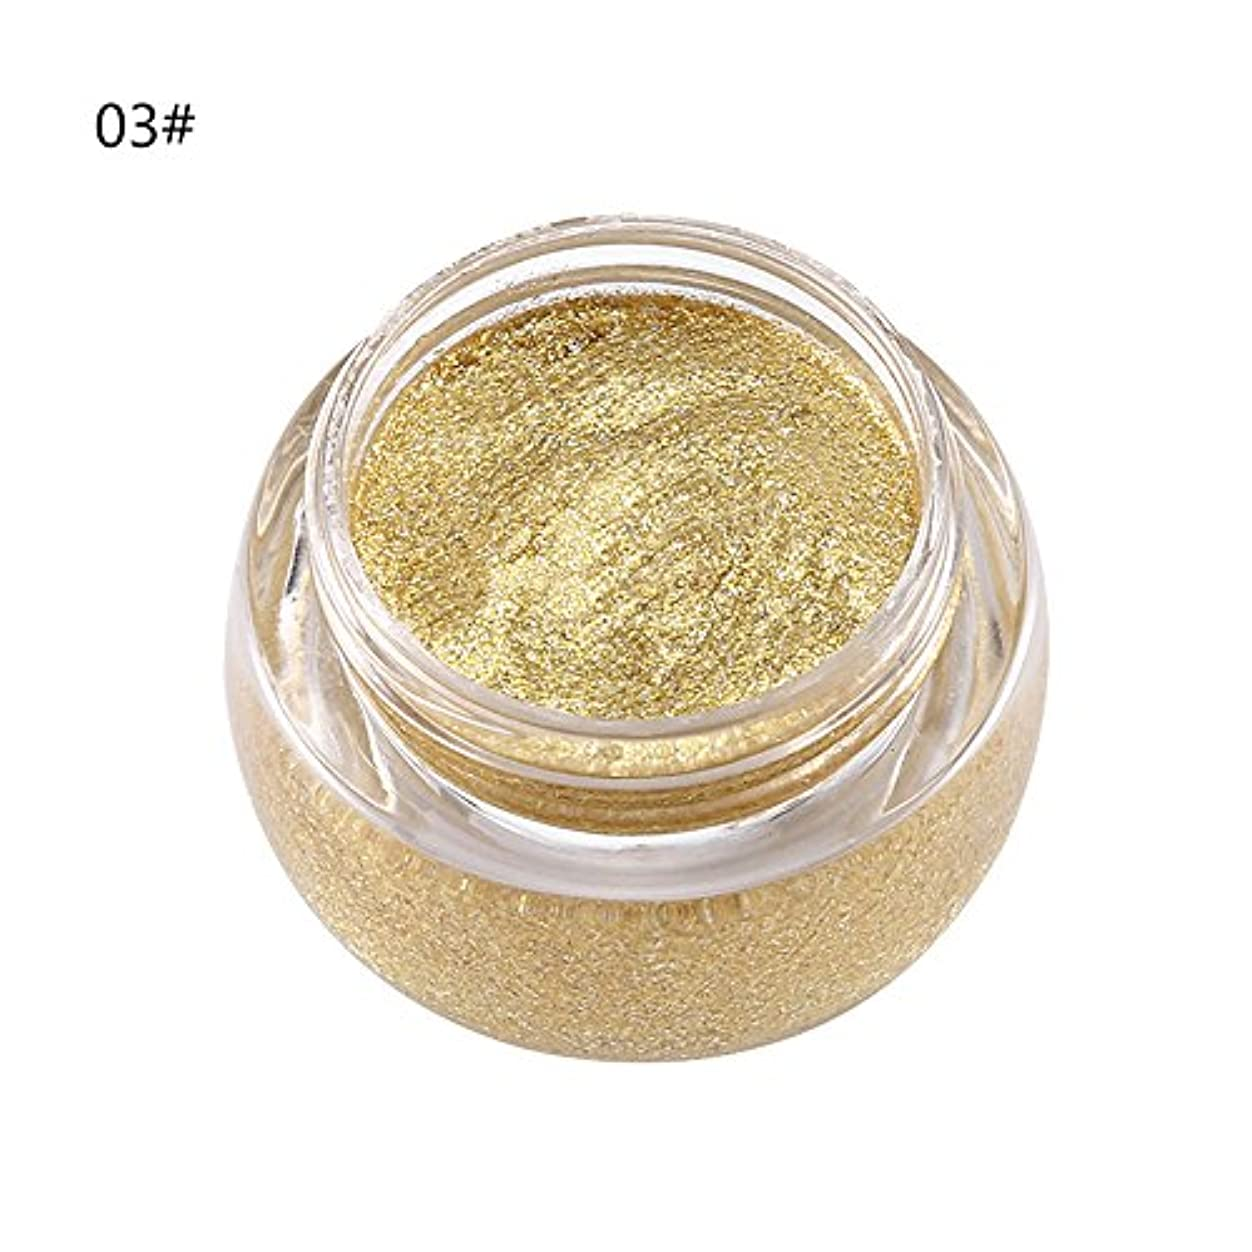 フレッシュ活気づける簡単なアイシャドウ 単色 化粧品 光沢 保湿 キラキラ 美しい タイプ 03